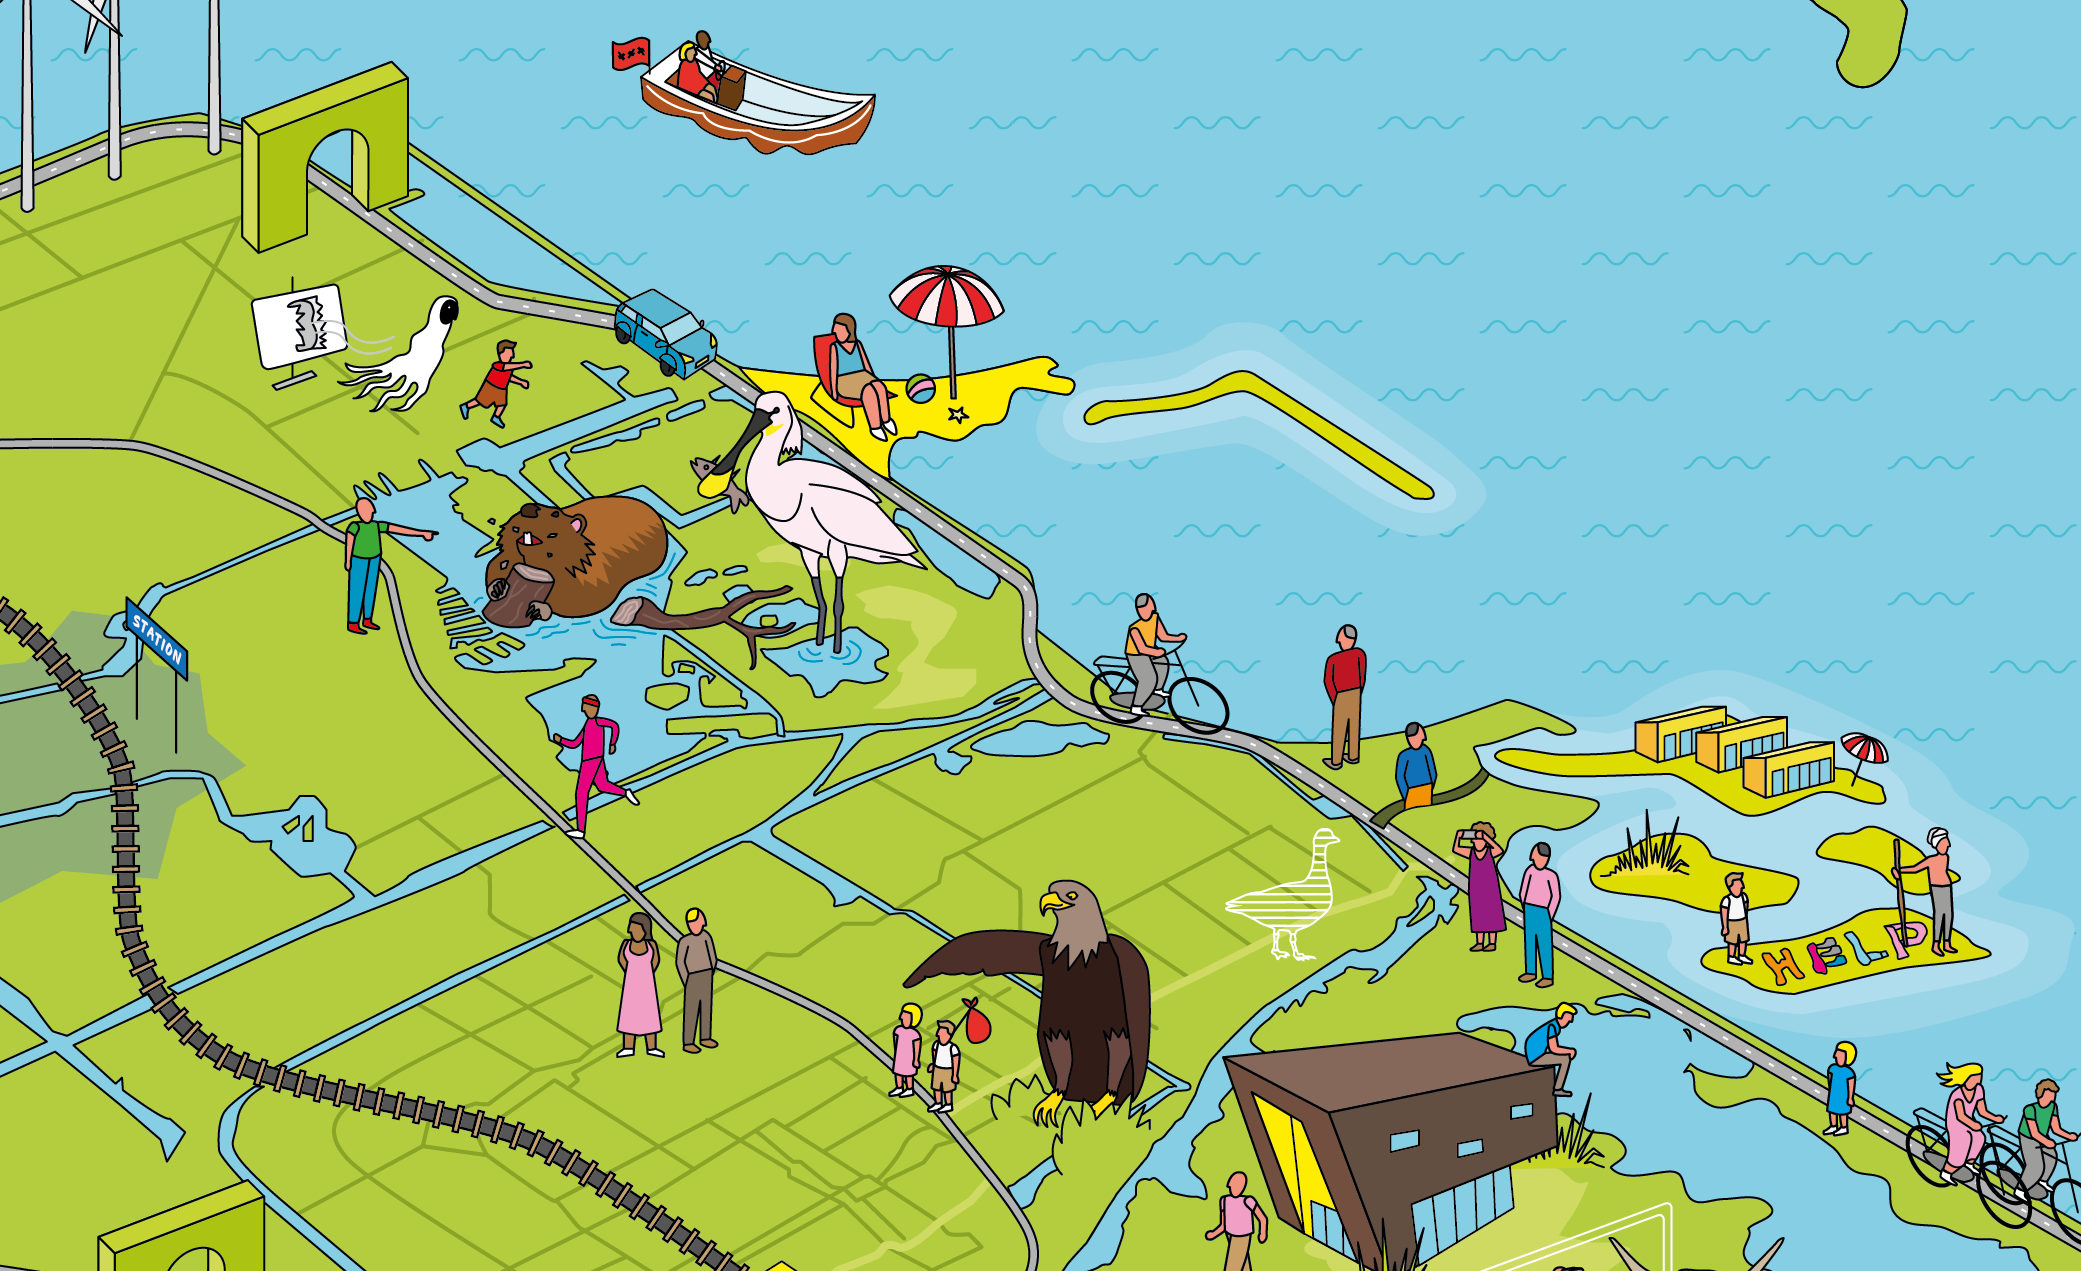 rickybooms-nieuwland-kaart-uitsnede1